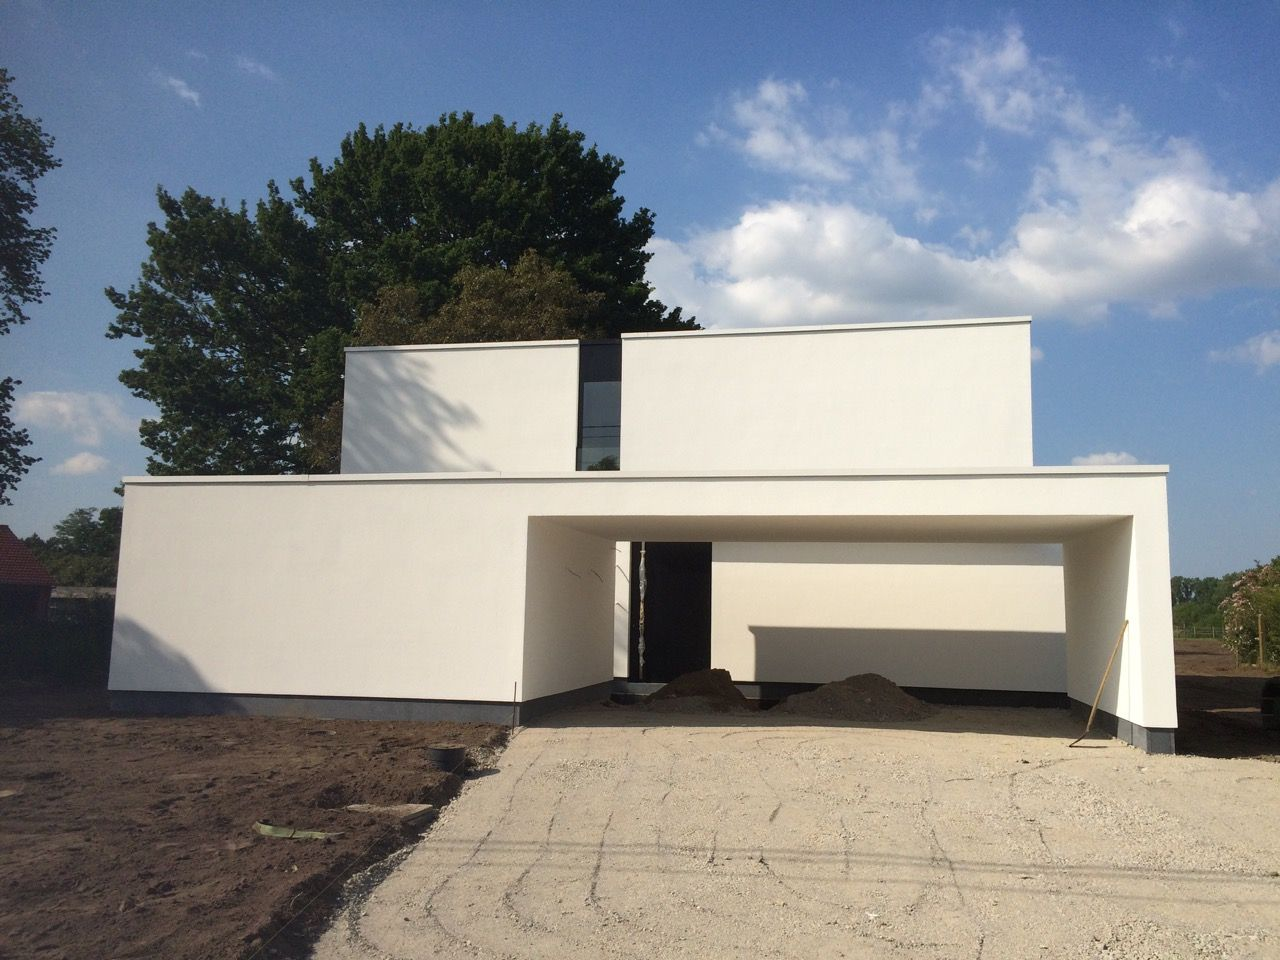 Niko wauters moderne minimalistische woning met laag energieverbruik modern minimalistic low - Zie in het moderne huis ...